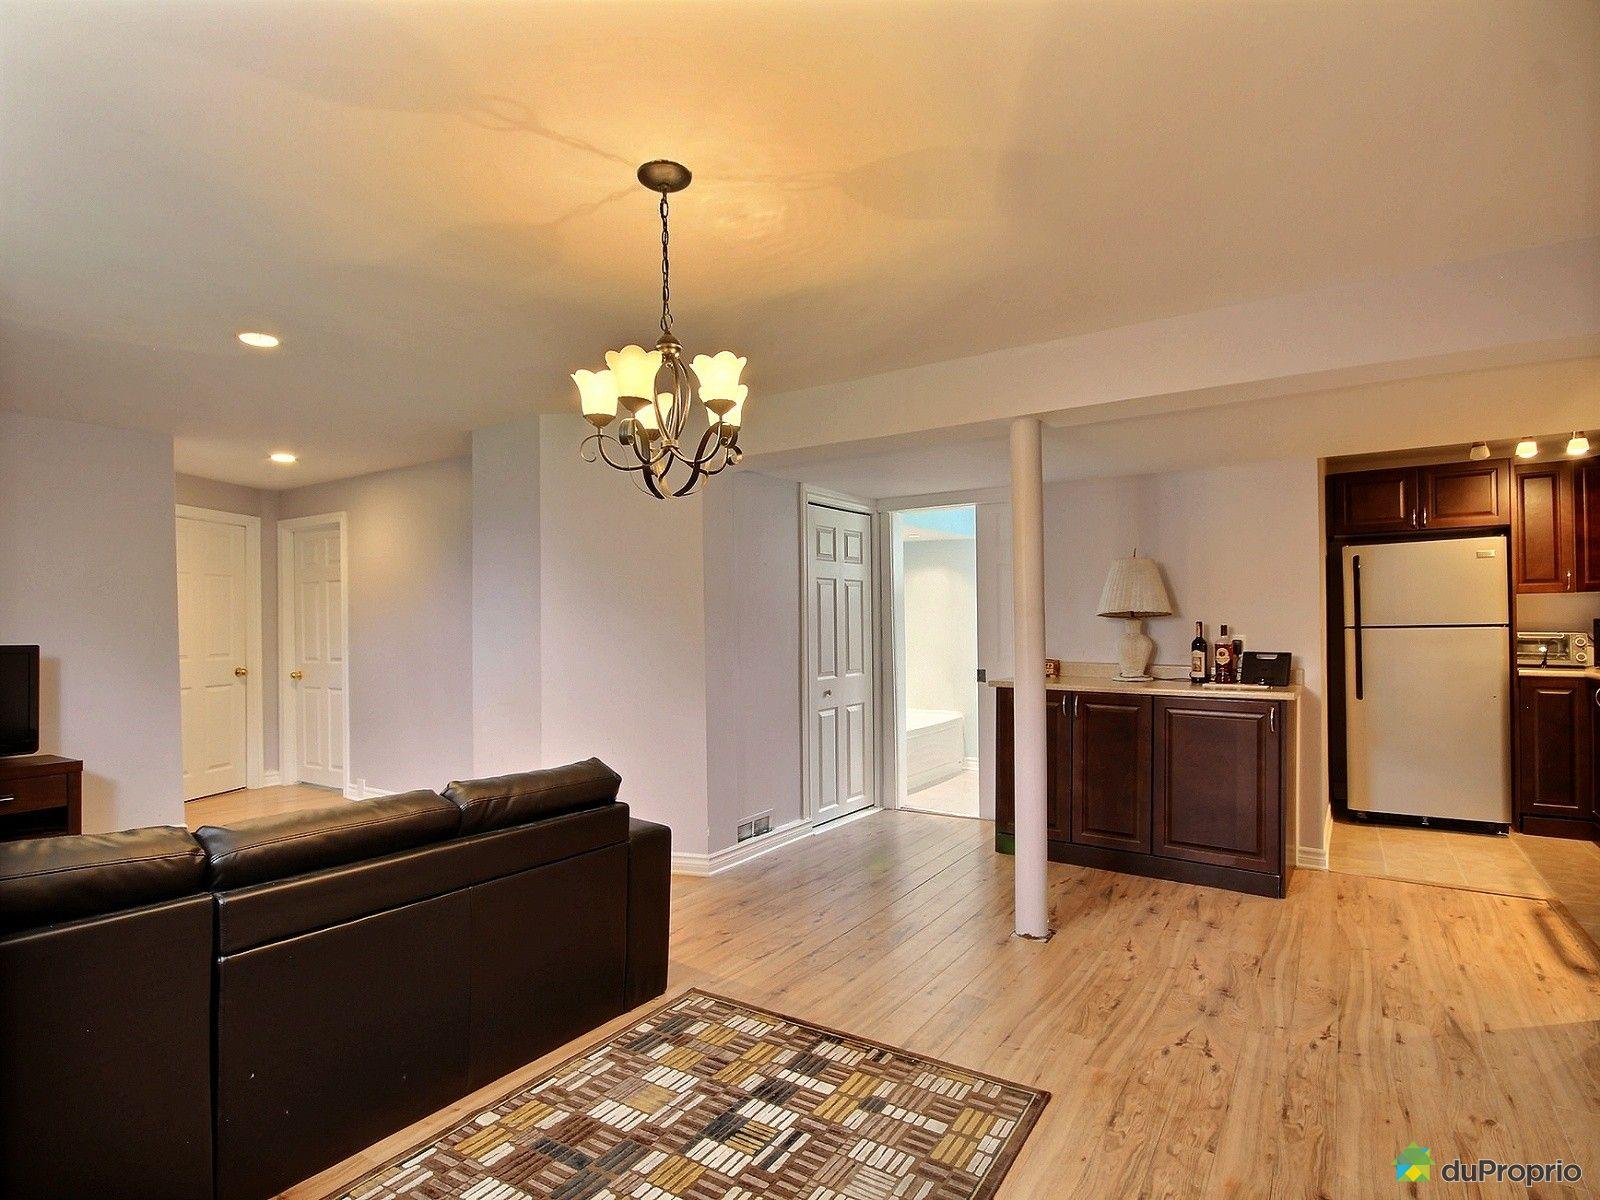 bi g n ration vendre blainville 1356 rue ad lard immobilier qu bec duproprio 700209. Black Bedroom Furniture Sets. Home Design Ideas